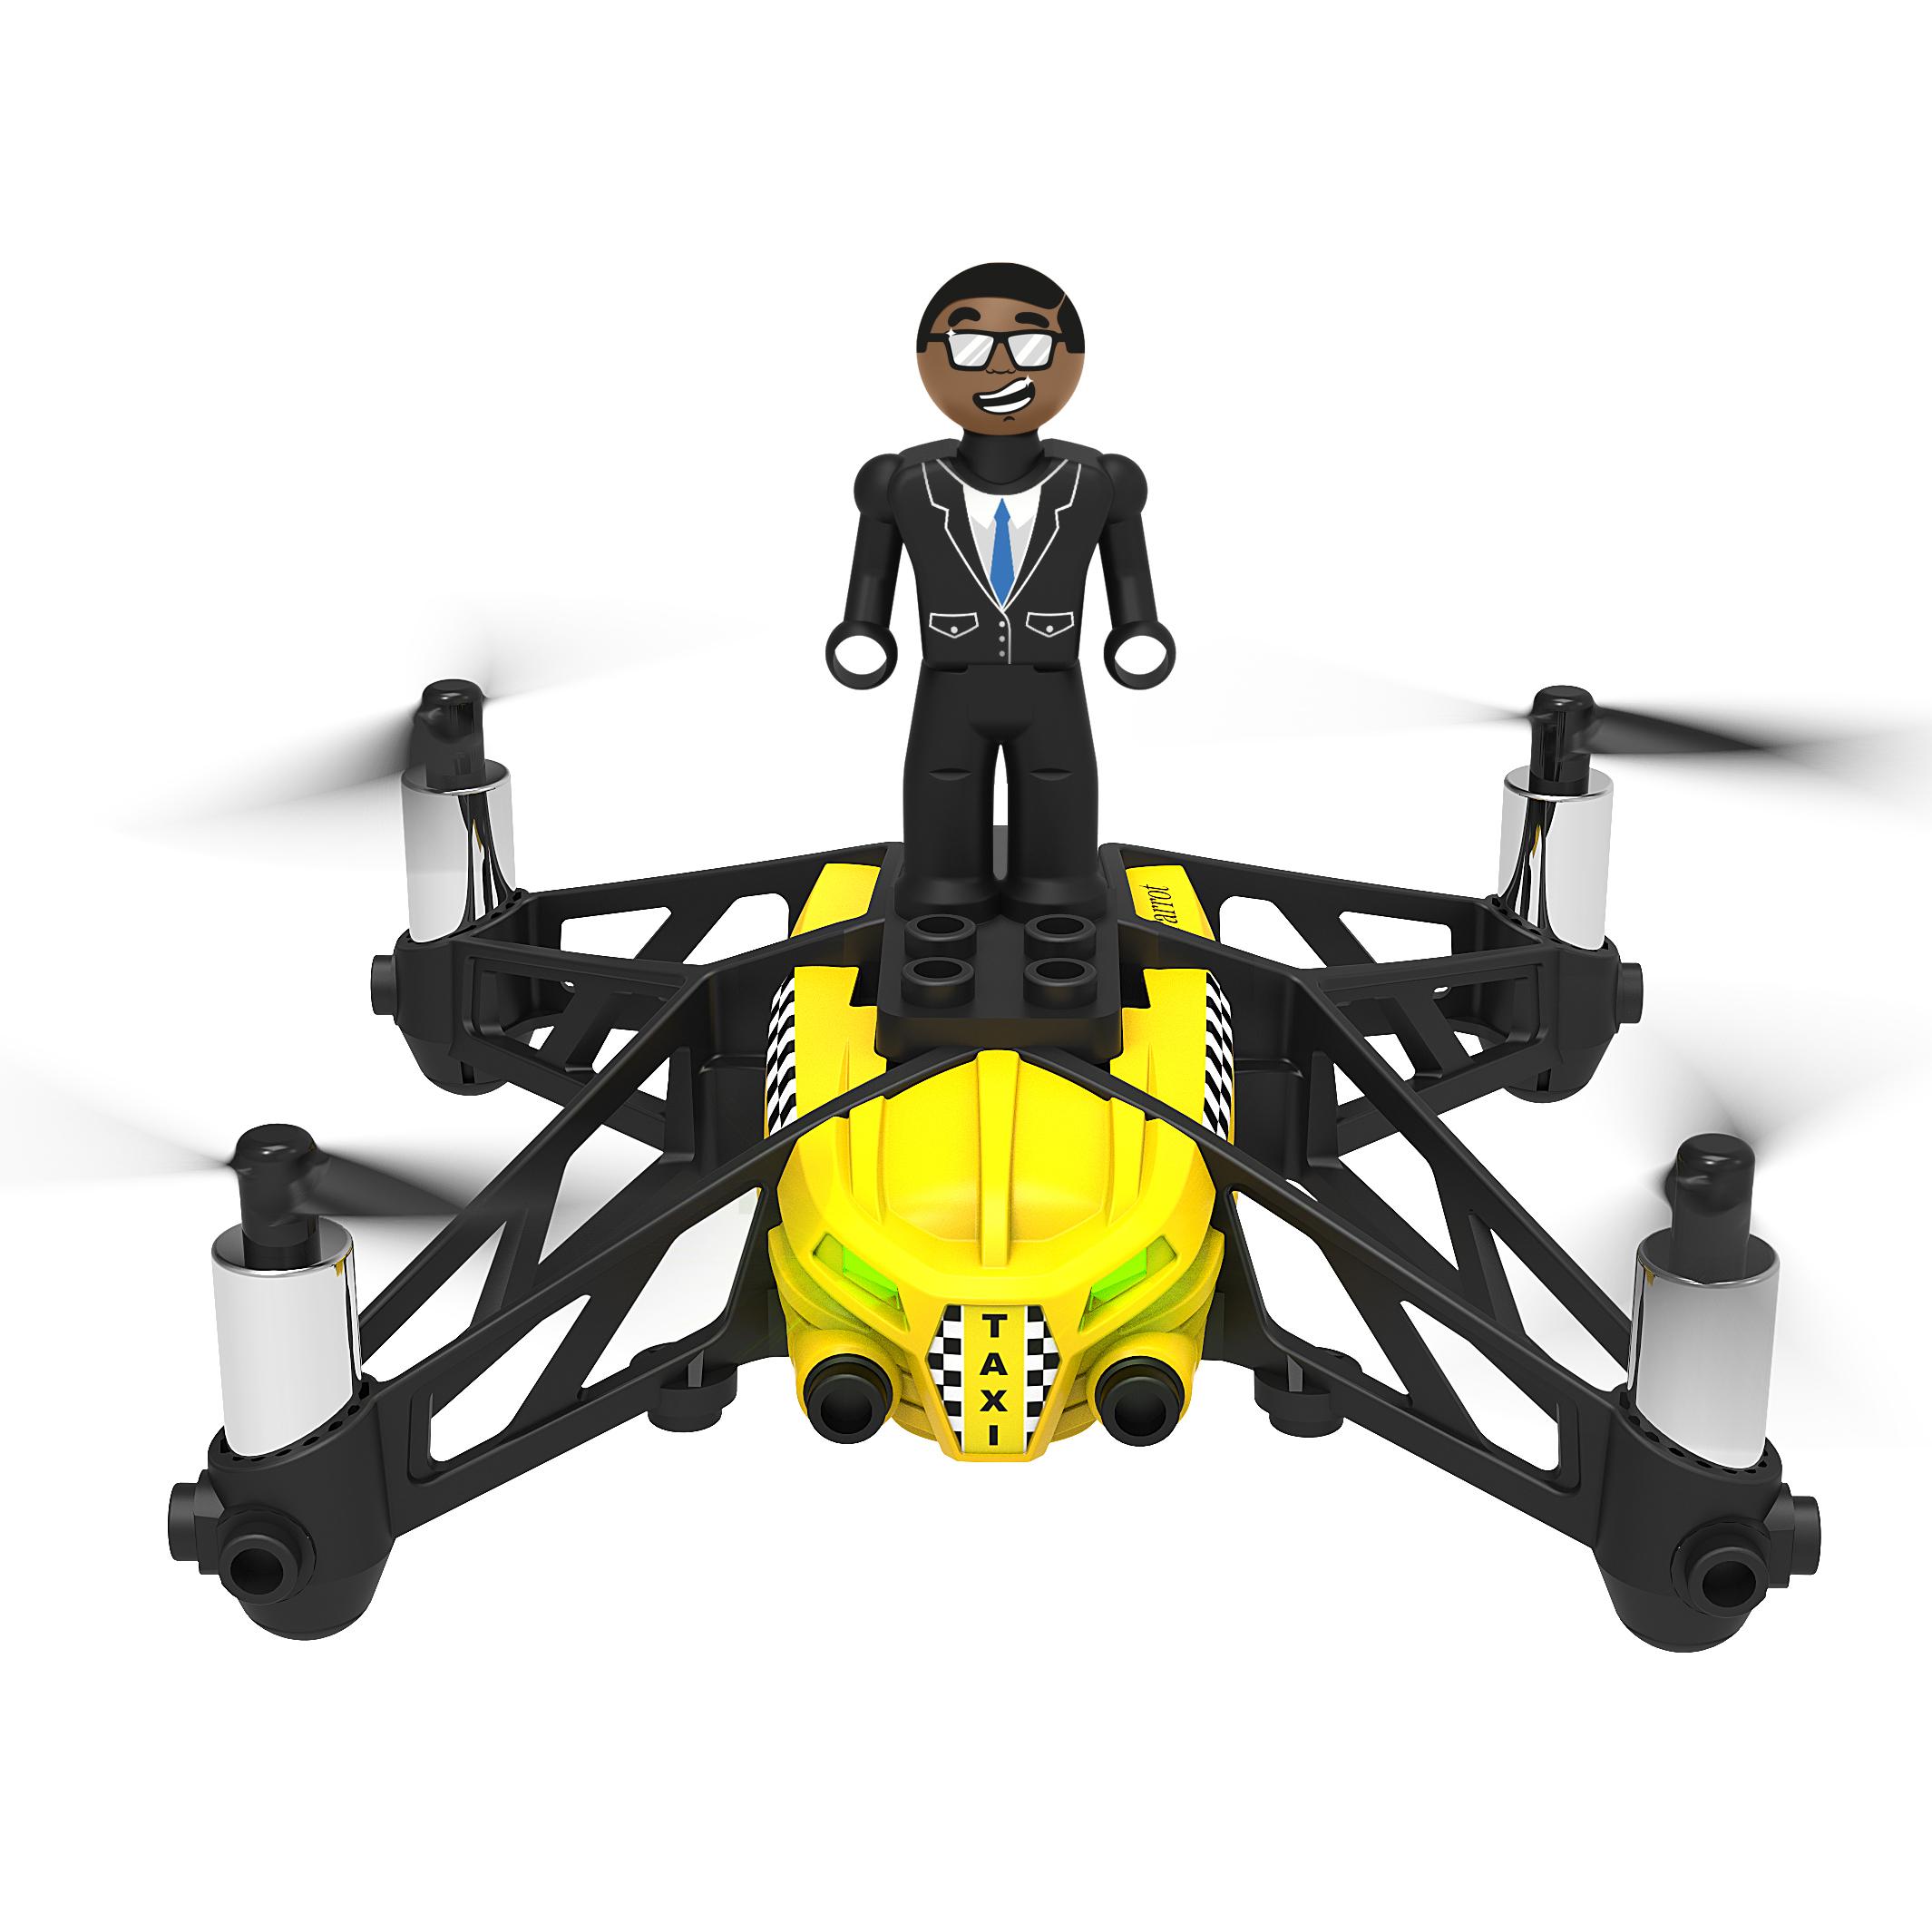 Parrot Mini Drone.jpeg